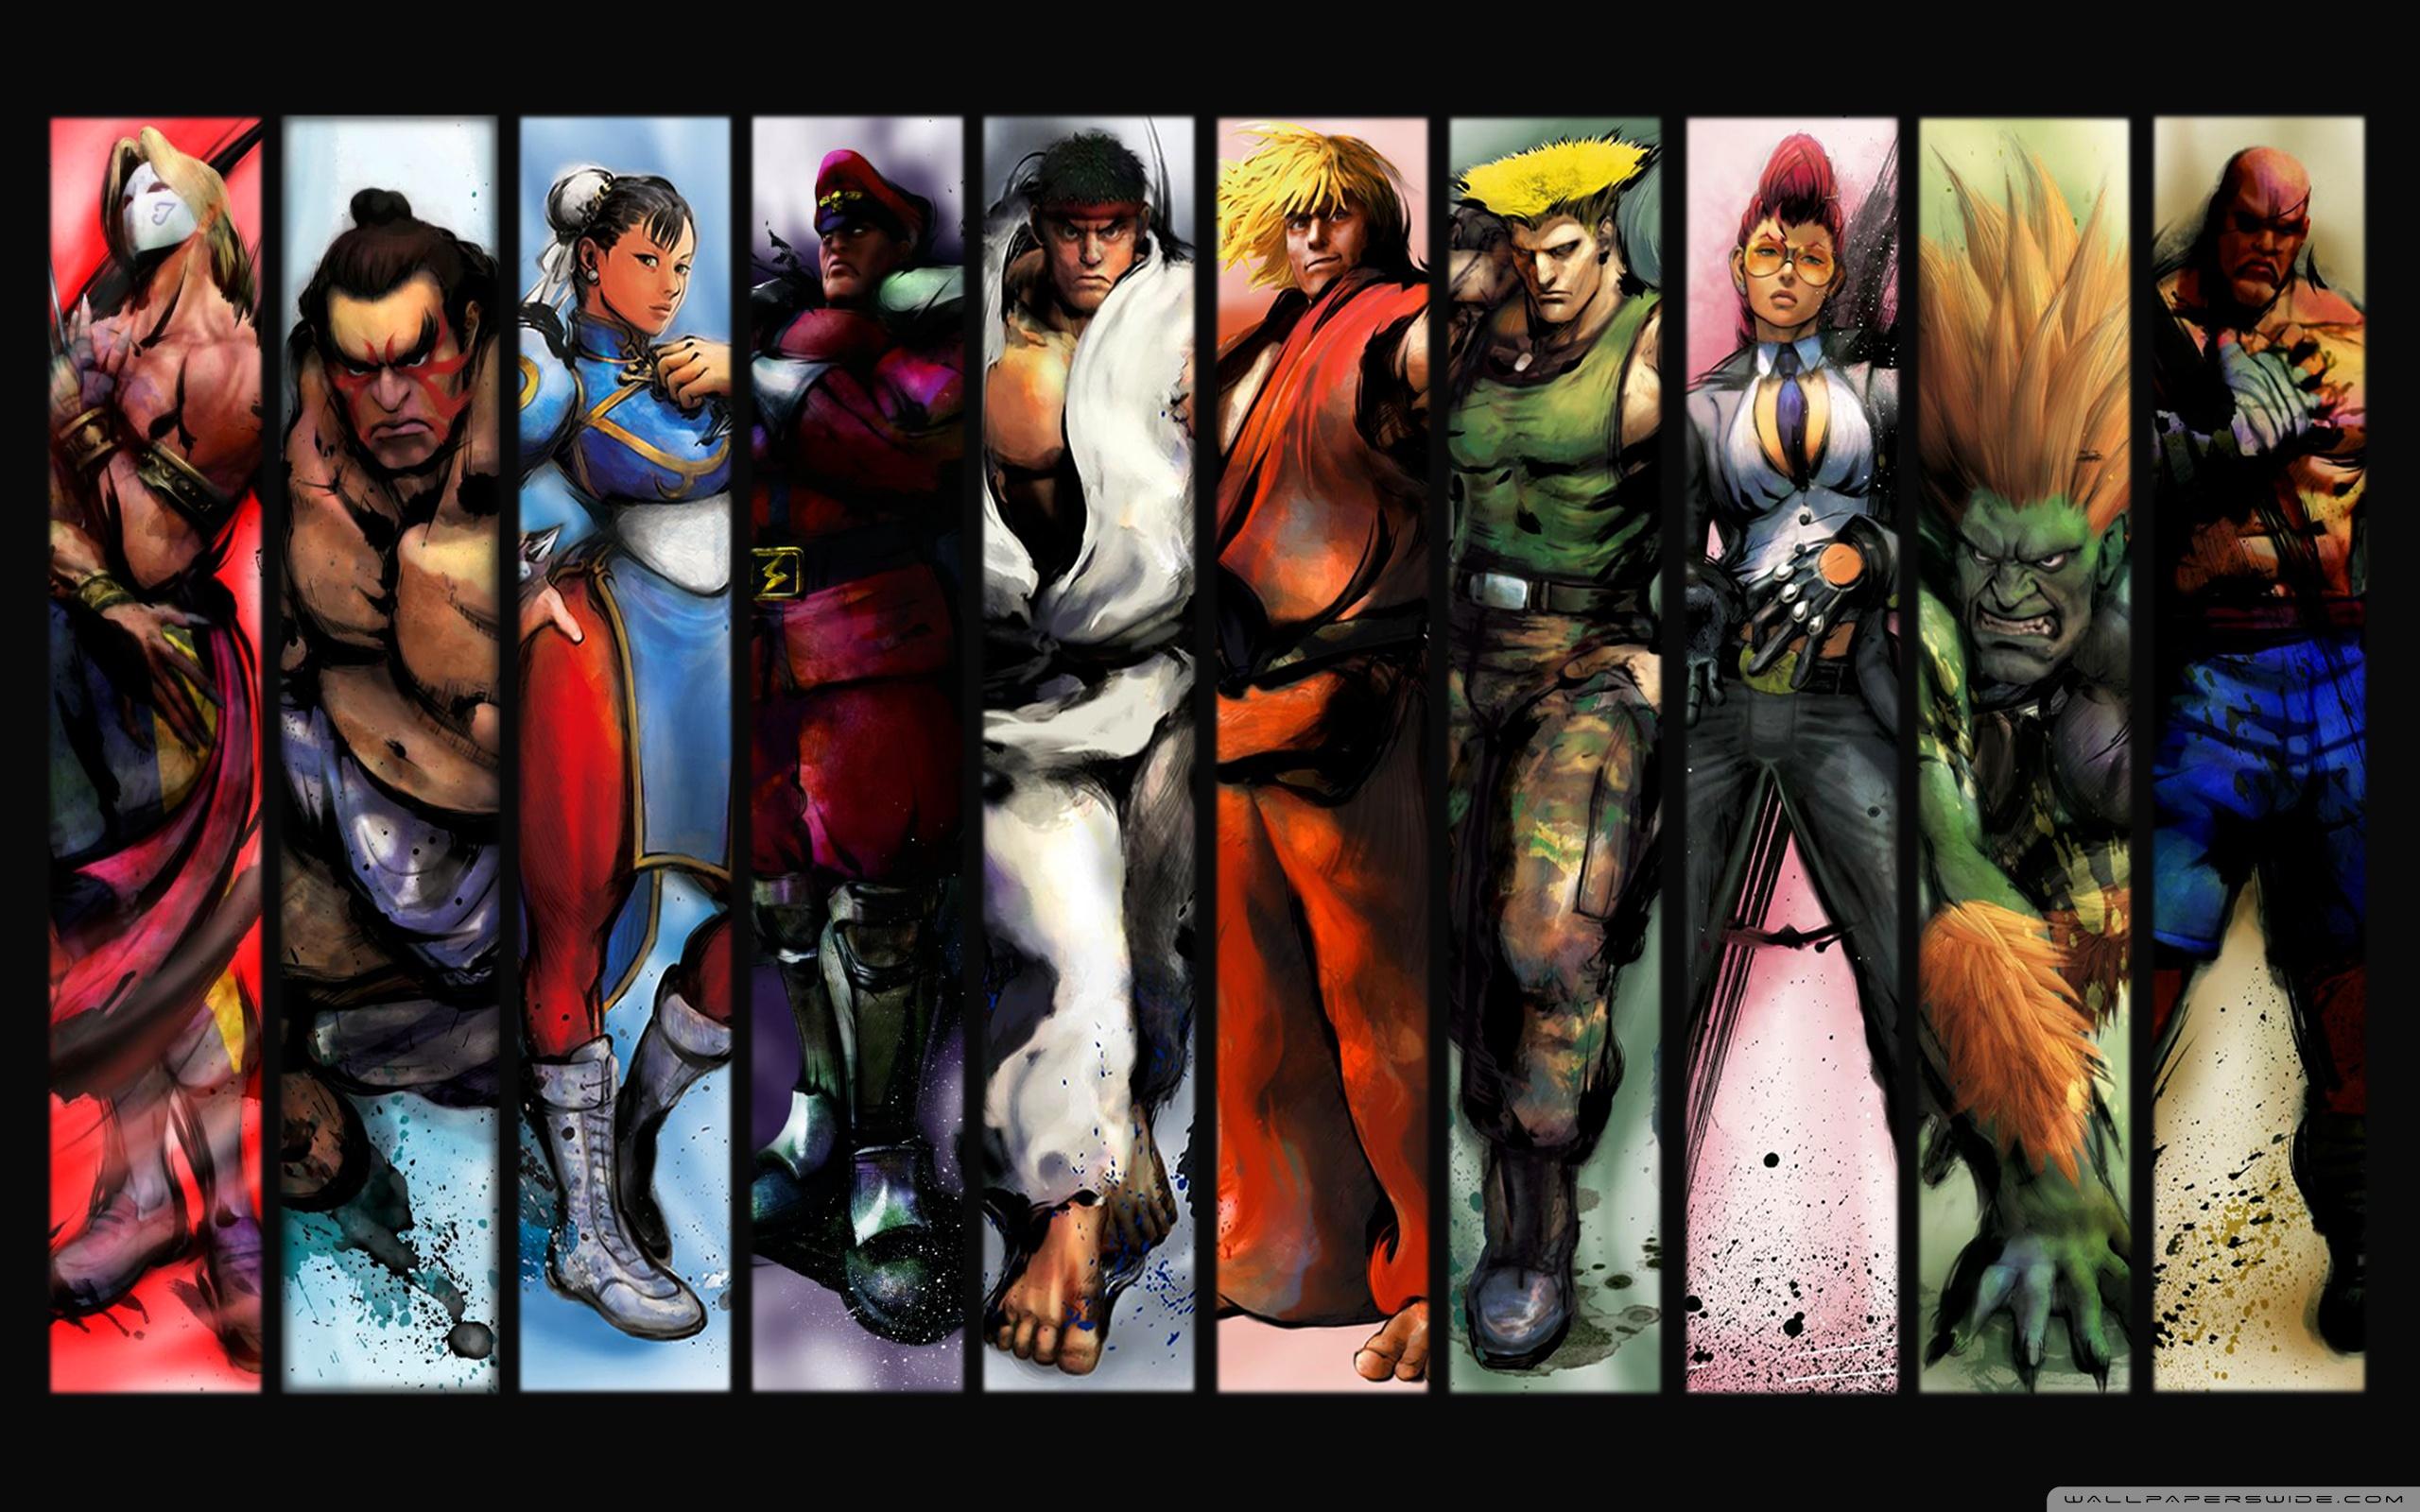 street fighter characters ❤ 4k hd desktop wallpaper for 4k ultra hd